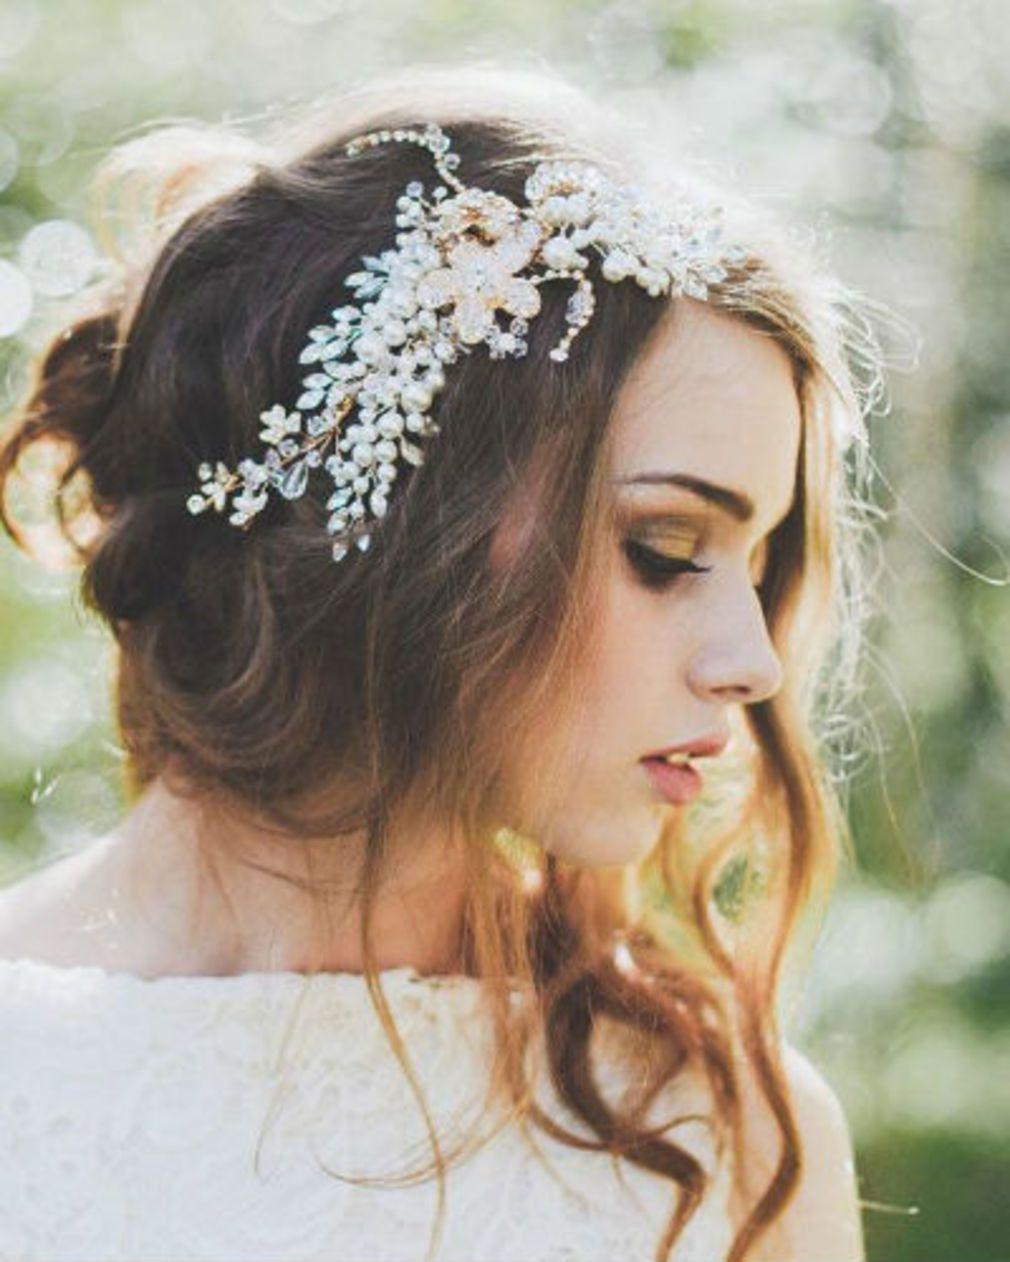 ae9168daaea Bijoux de cheveux   20 coiffures de princesse repérées sur Pinterest ...